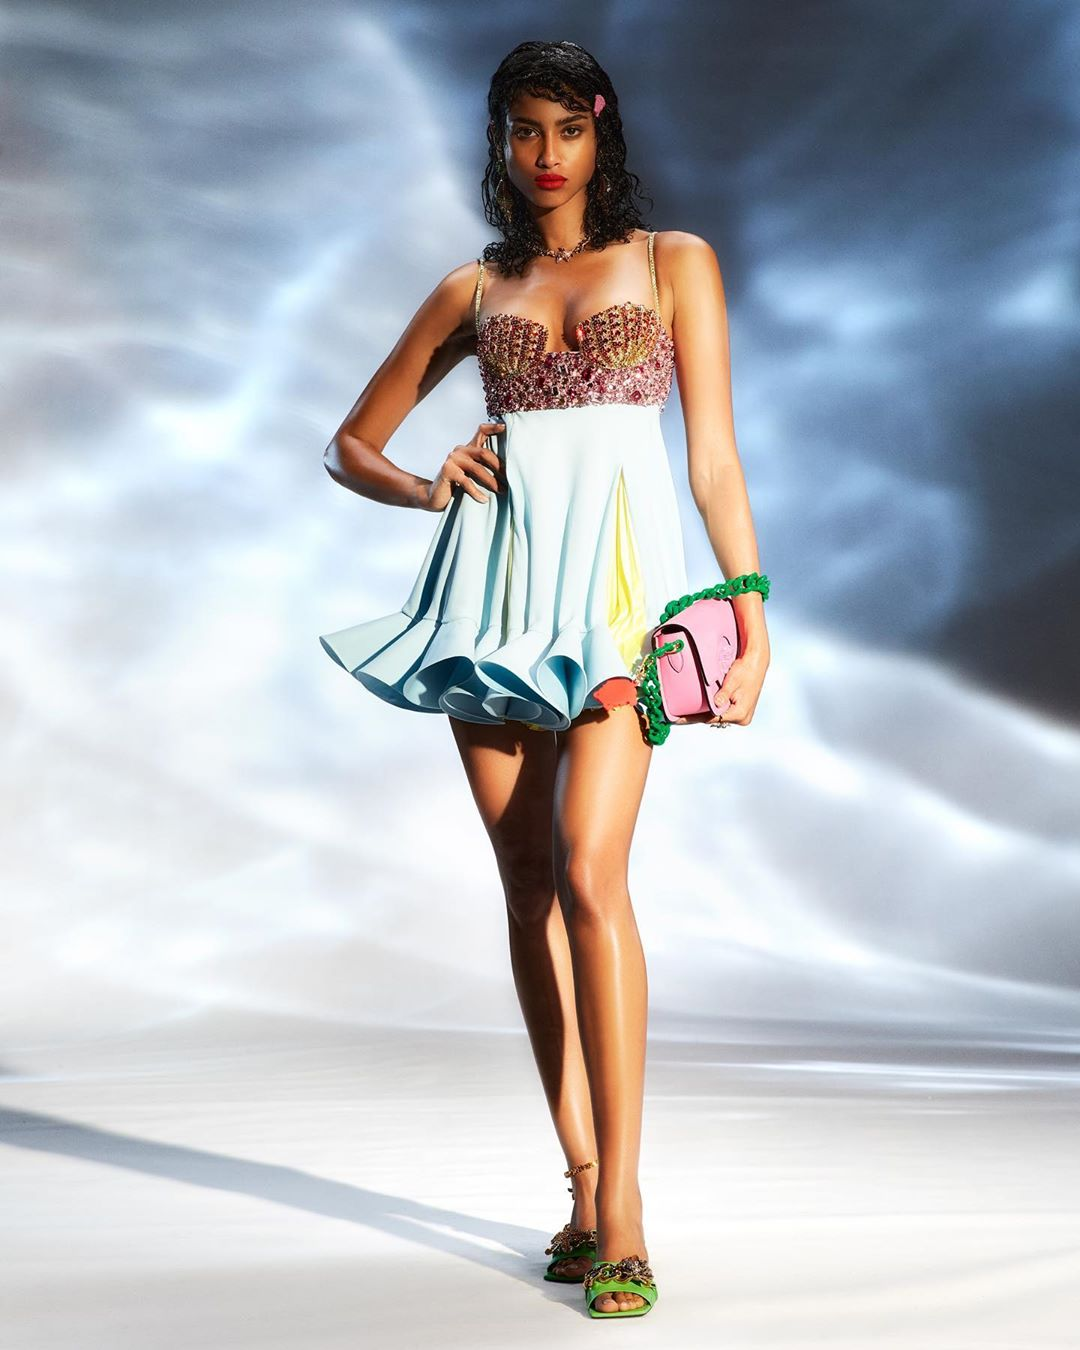 versace fashion: 12